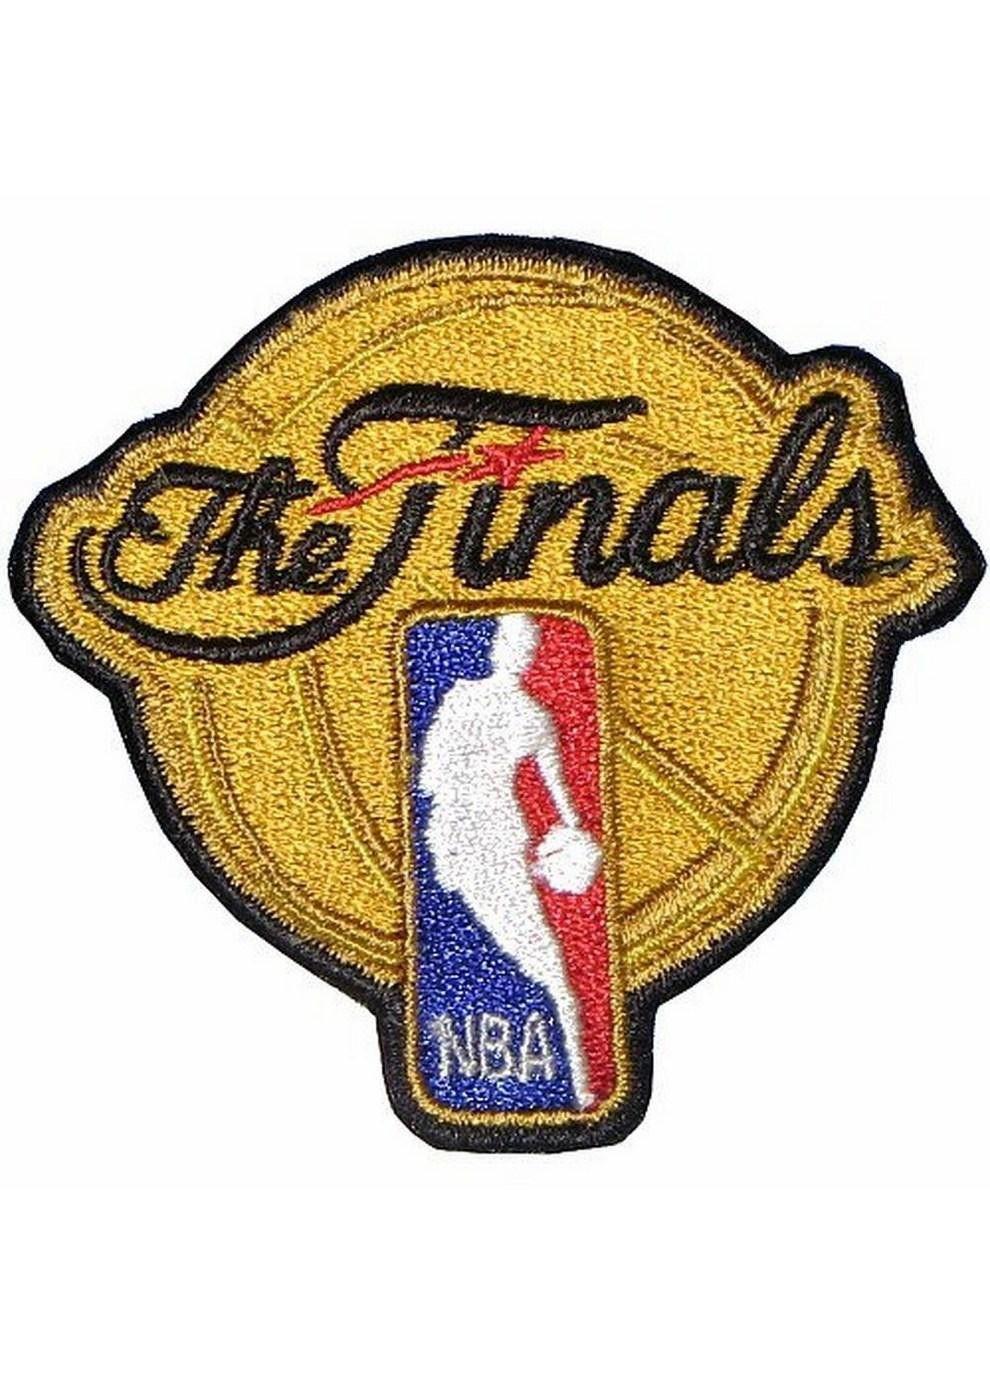 Nba Finals Logo Patch Nba Finals Patch Logo Nba